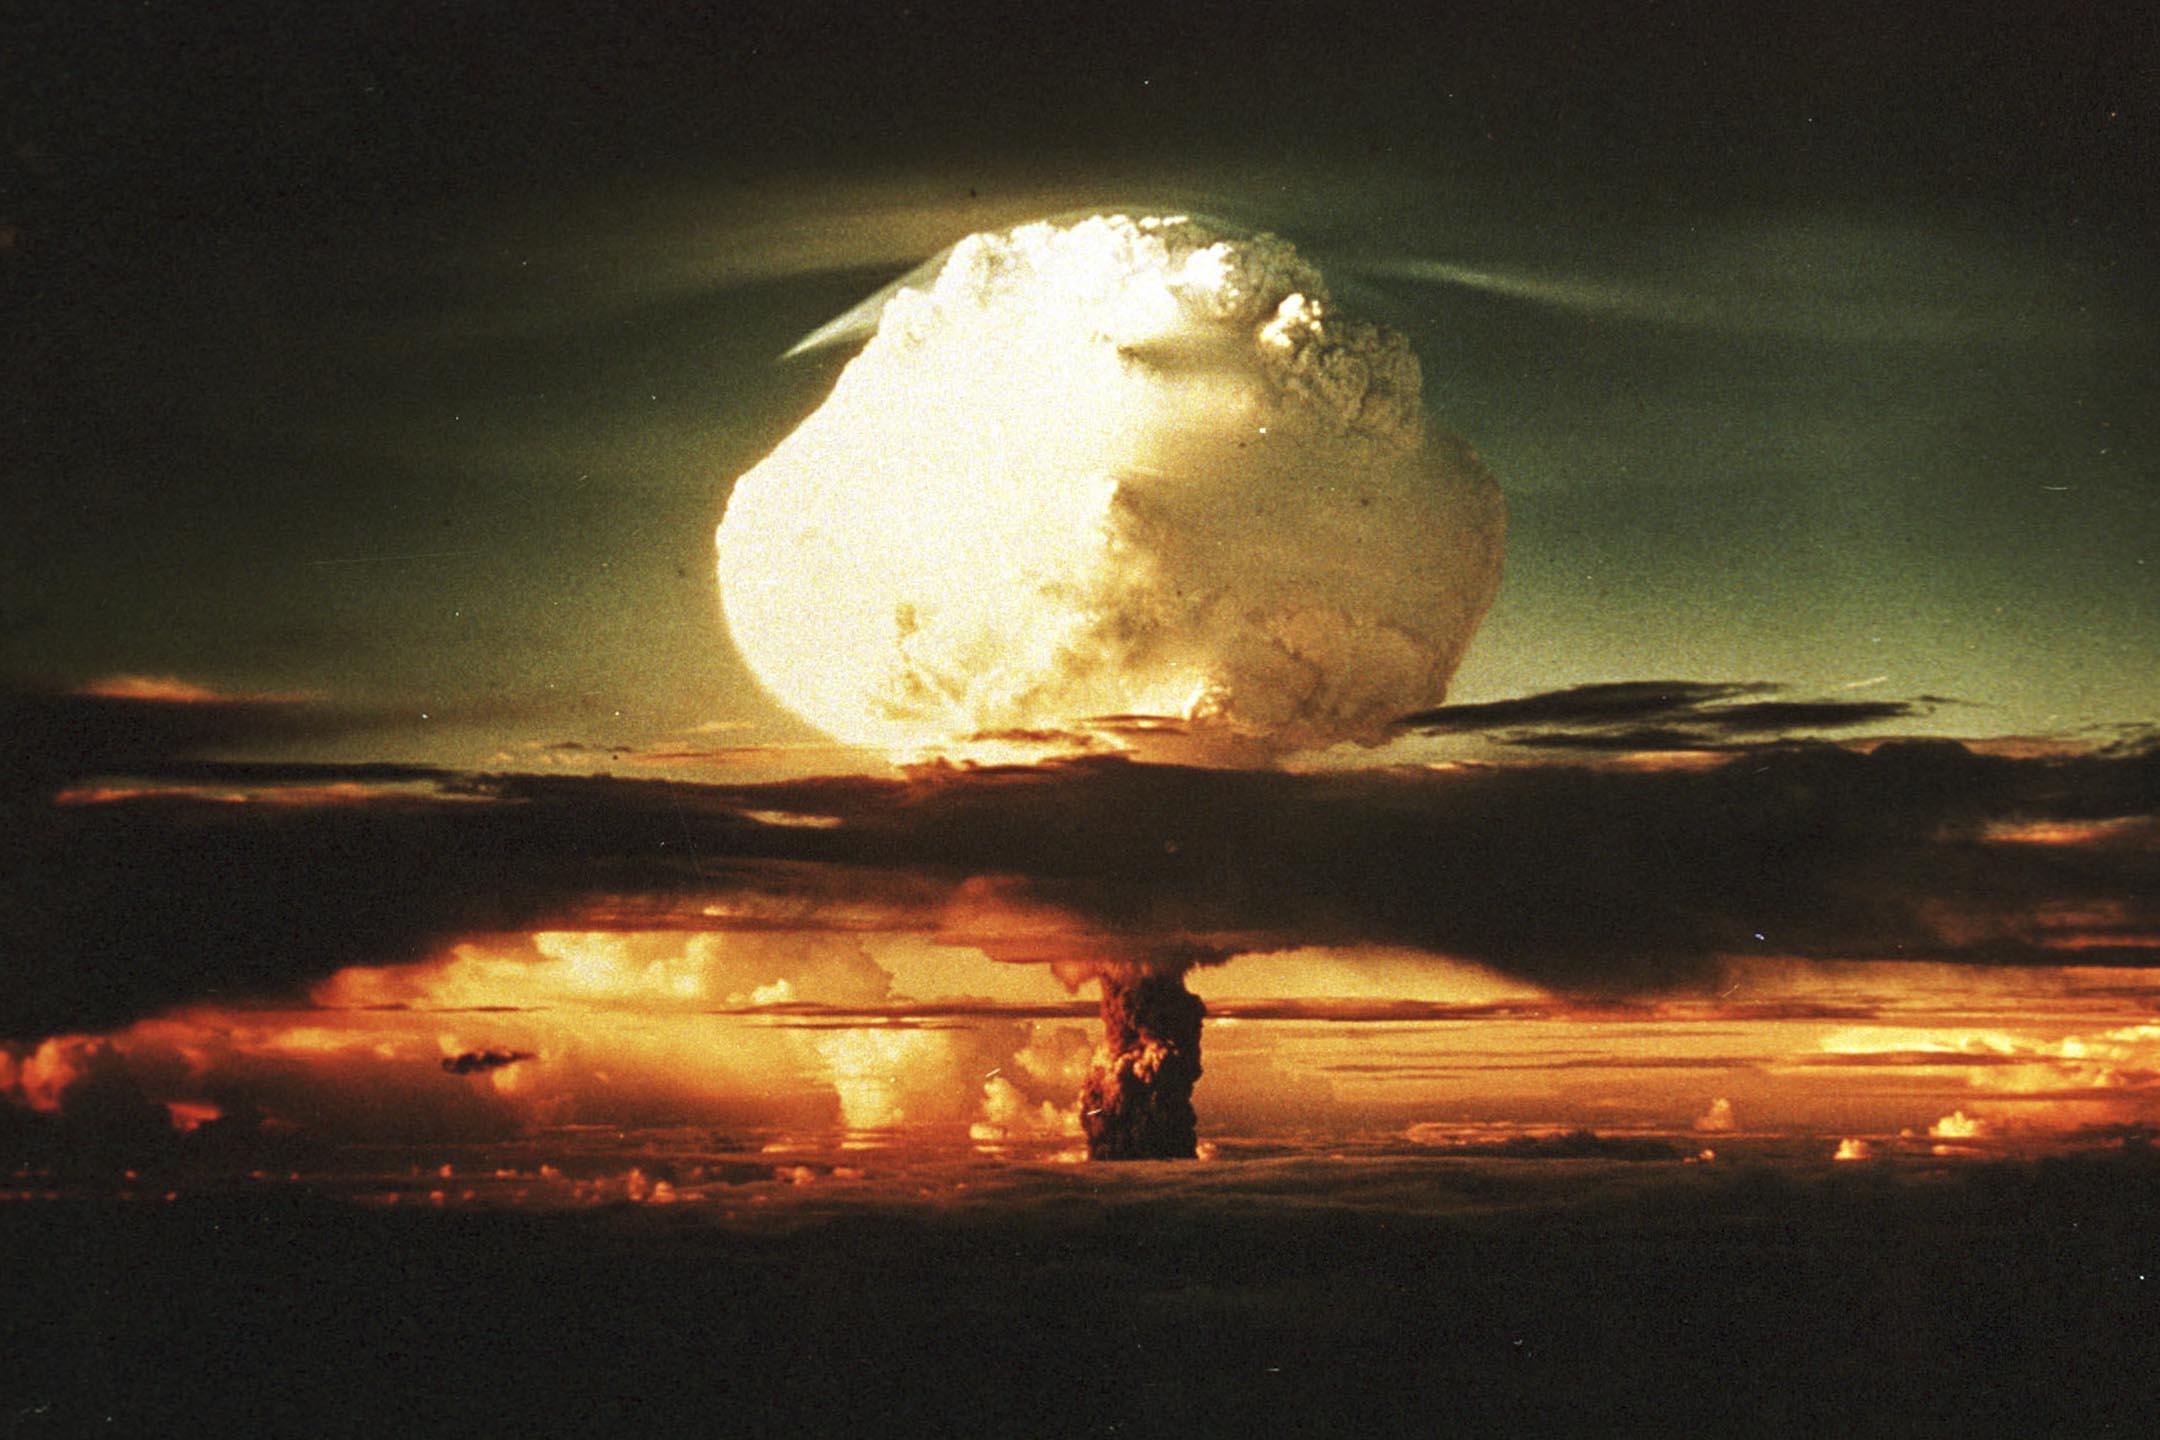 1980年代一群當紅科幻小說家捲入的一場大亂鬥,很可能改變了整個星球的命運:他們用紙筆促成了蘇聯瓦解,也用紙筆讓人類躲過了一場世界末日。圖為1952年美國布拉德伯里科學博物館展出的核試驗圖片。 攝:Joe Raedle/Getty Images